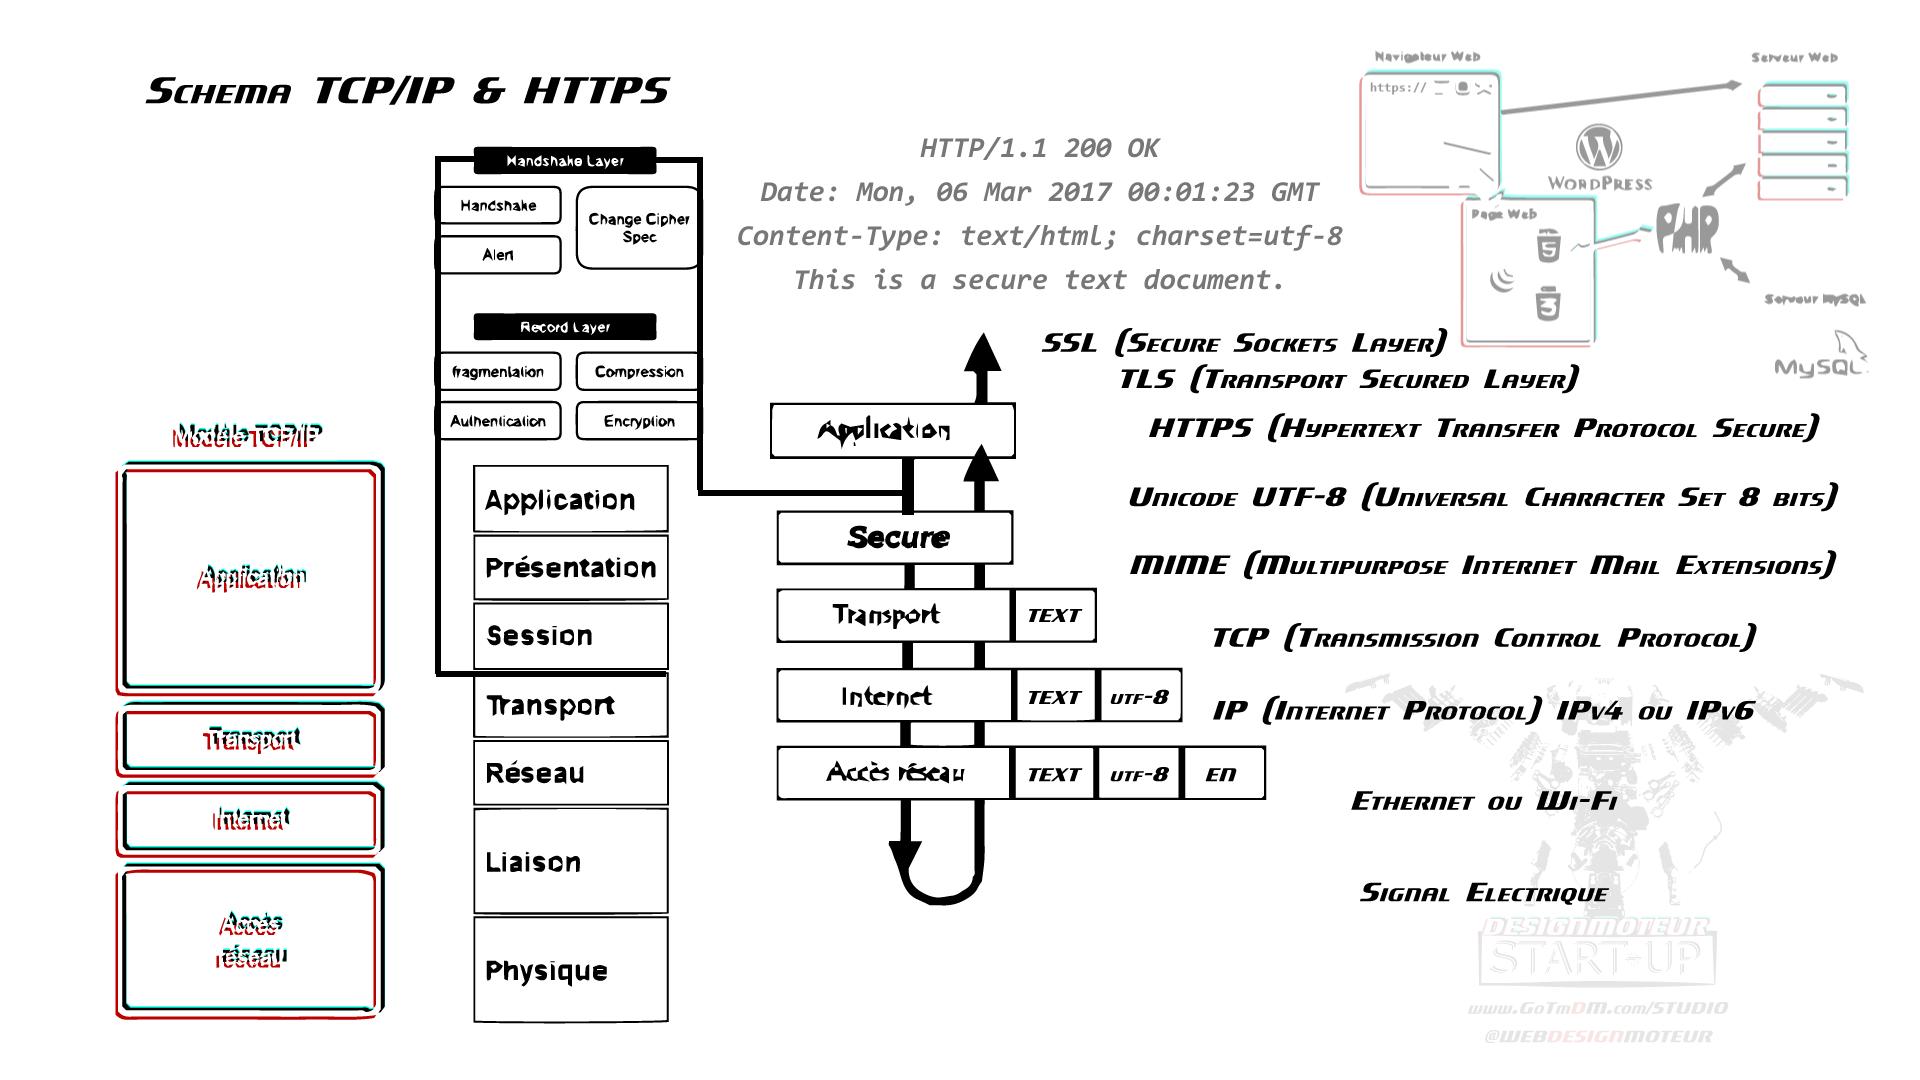 schema TCP/IP - HTTPS - by DESIGNMOTEUR START-UP -